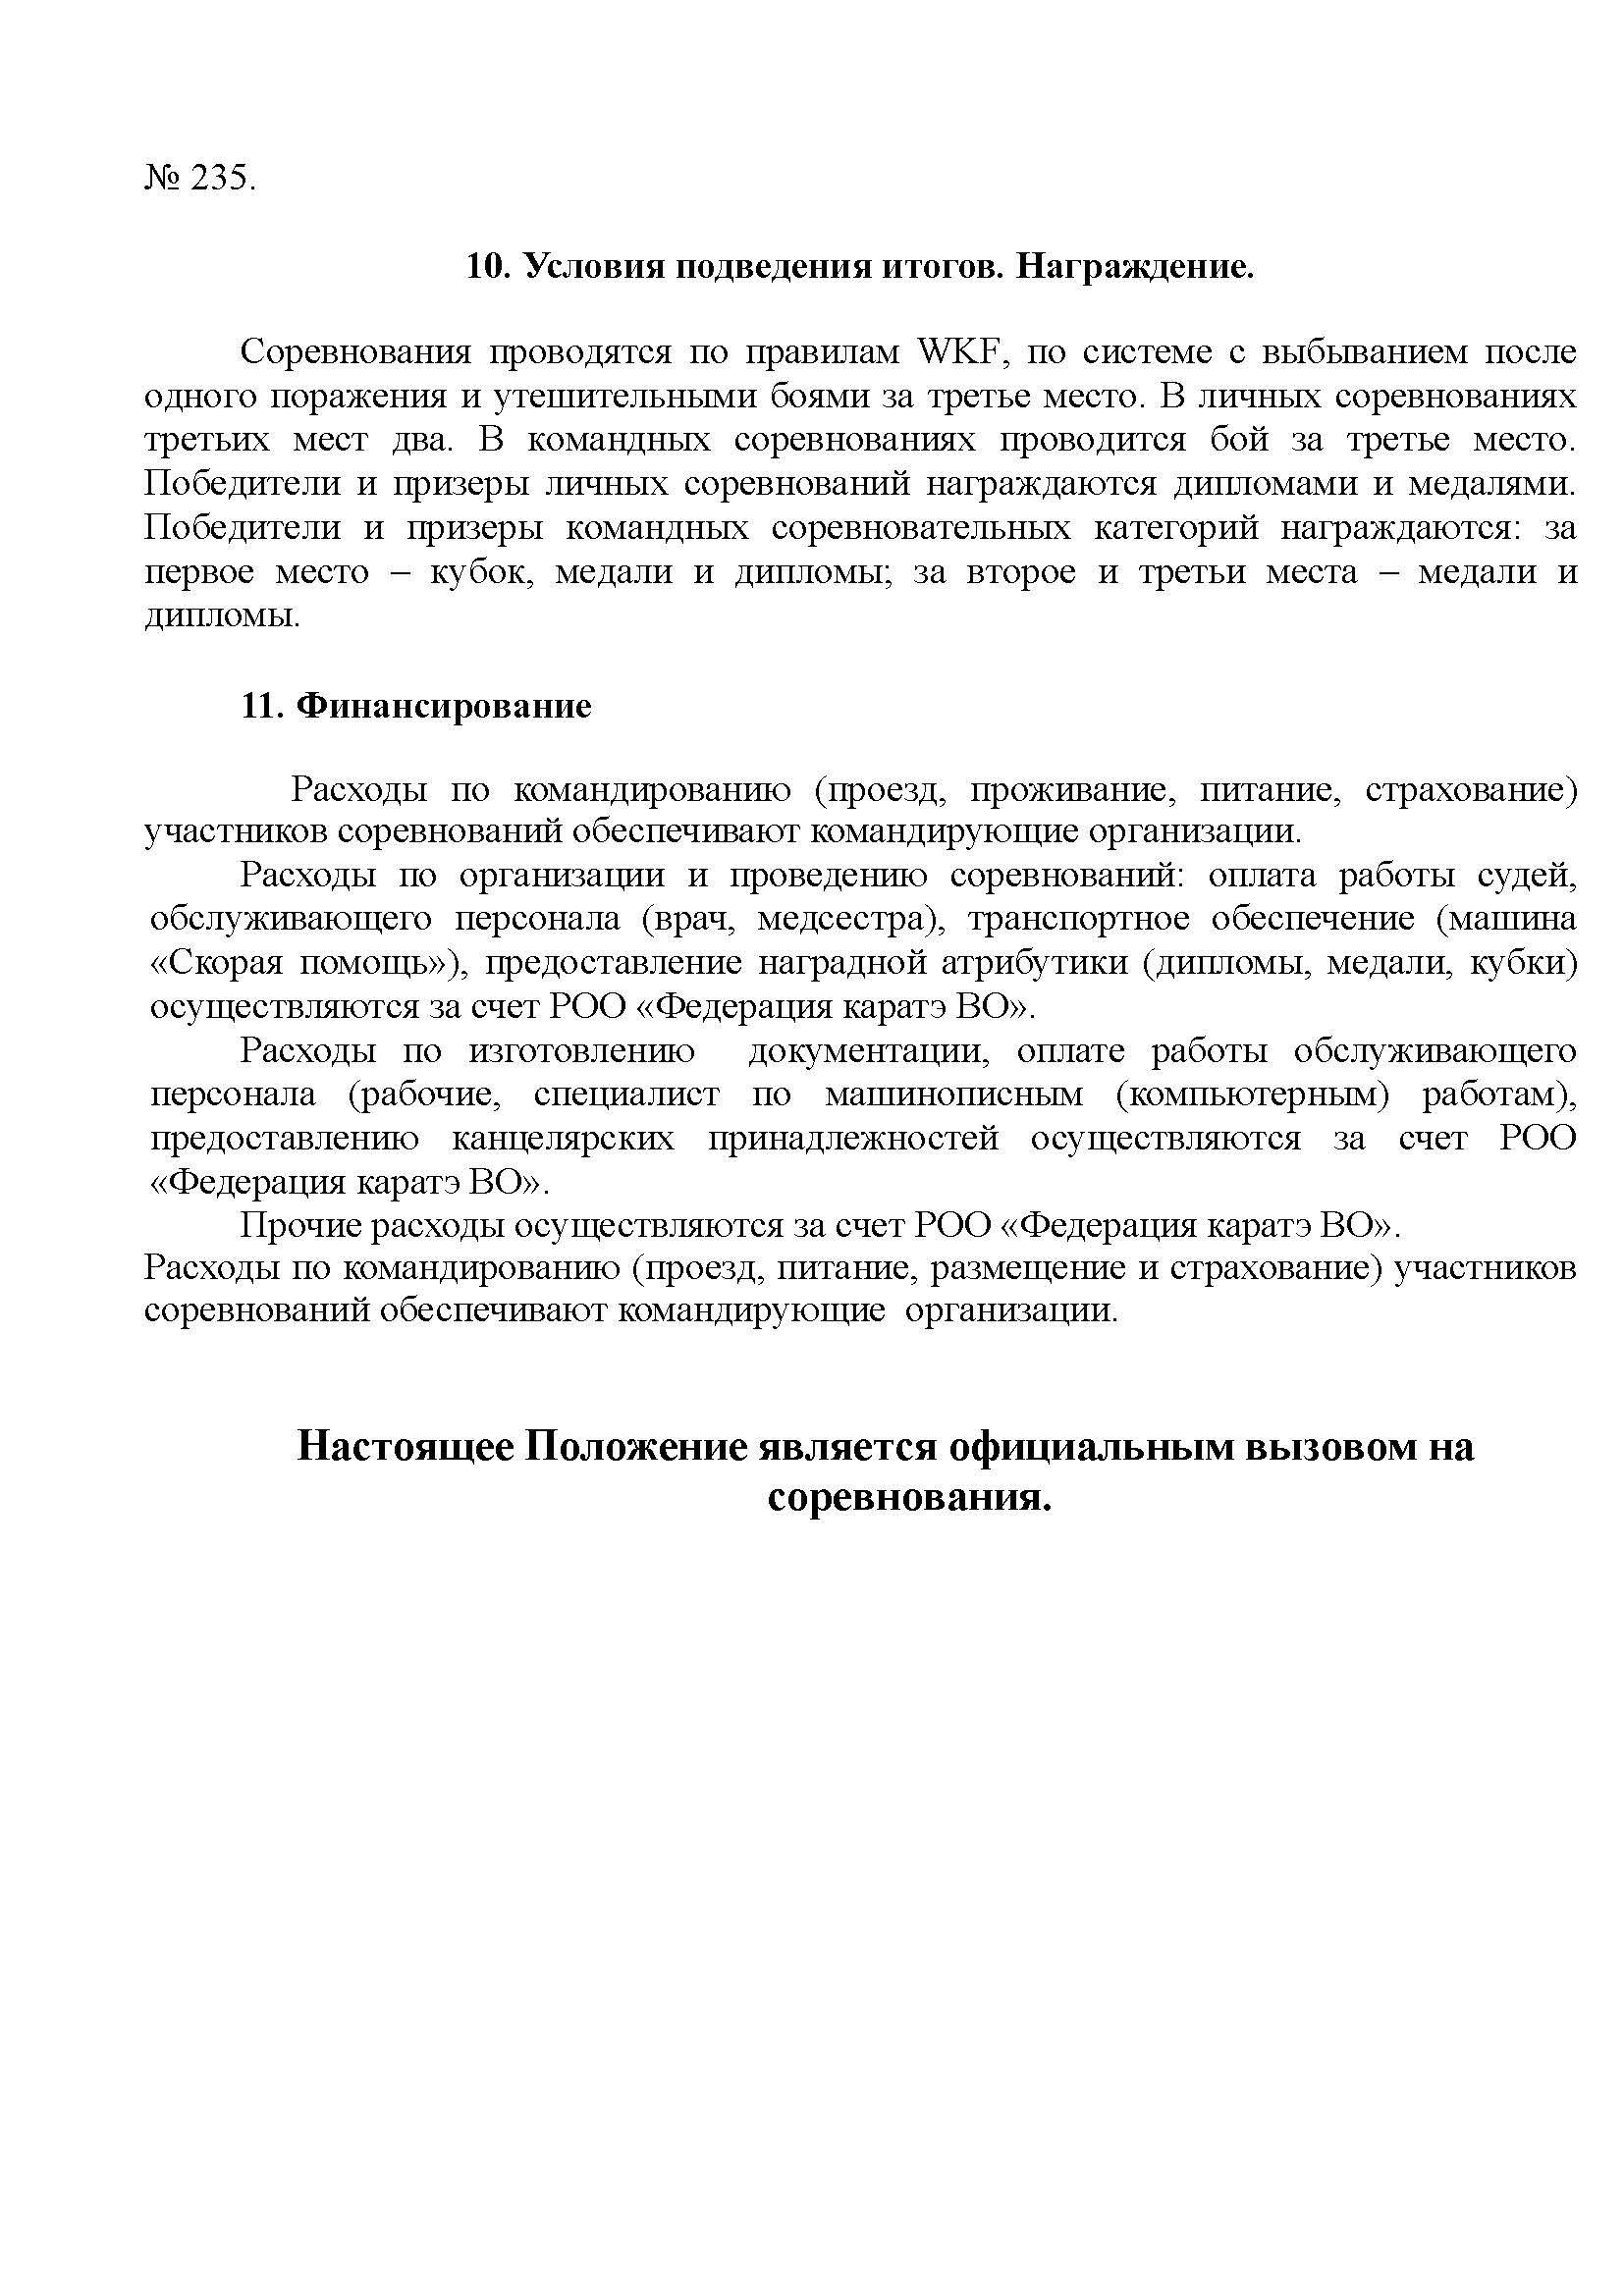 СЗФО-2019_001-Дети_Страница_5